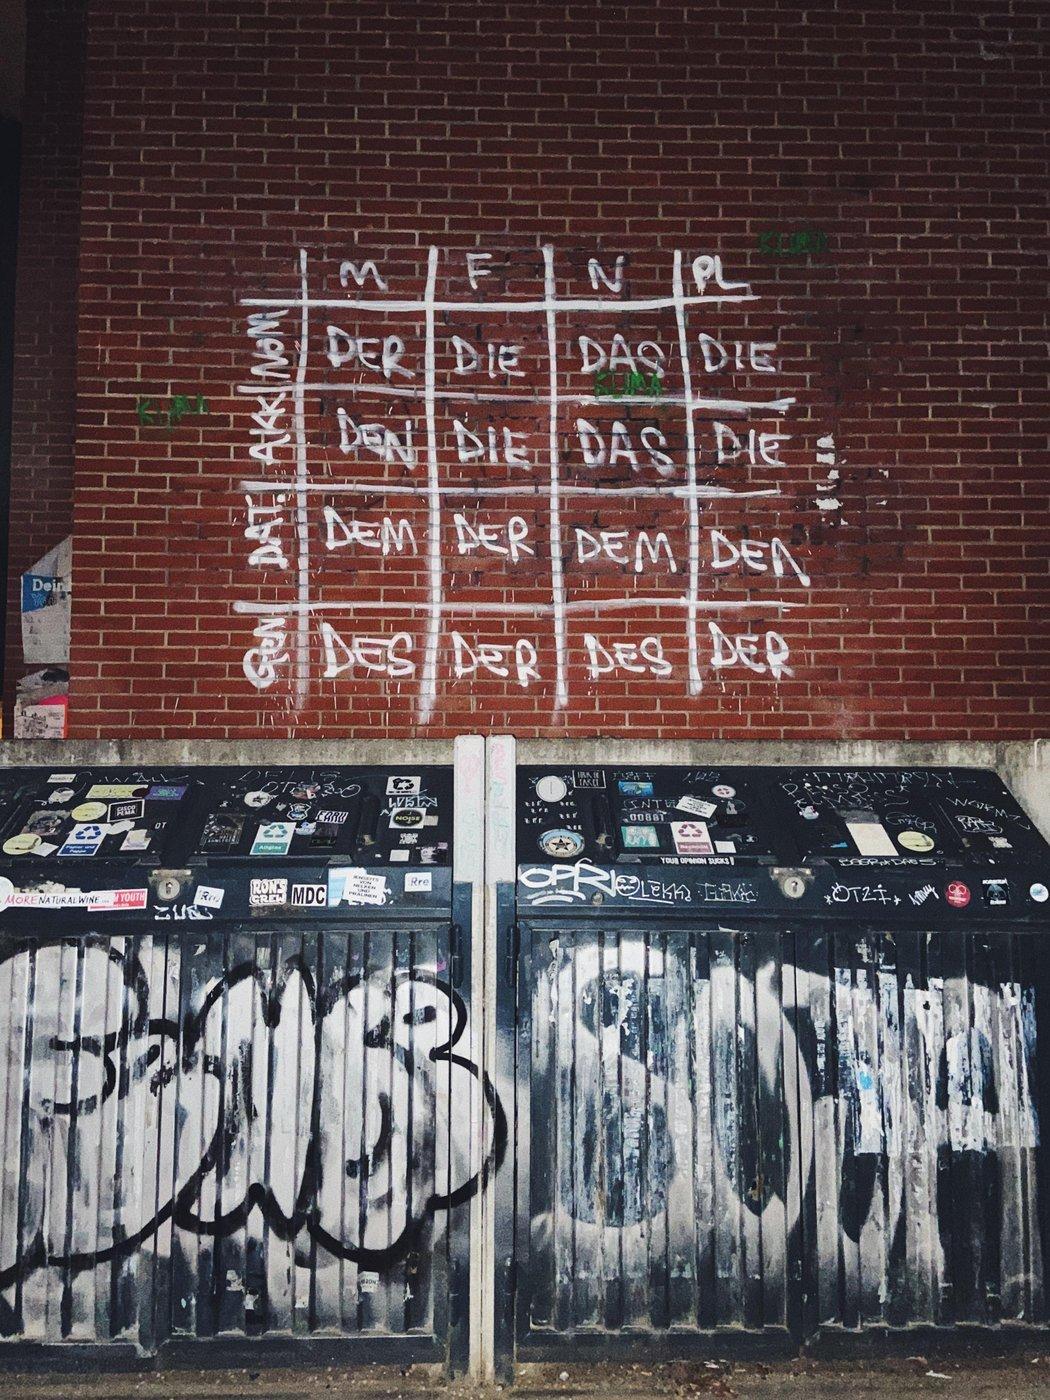 Образовательное граффити над помойками. А вы говорите стритарт бесполезен!